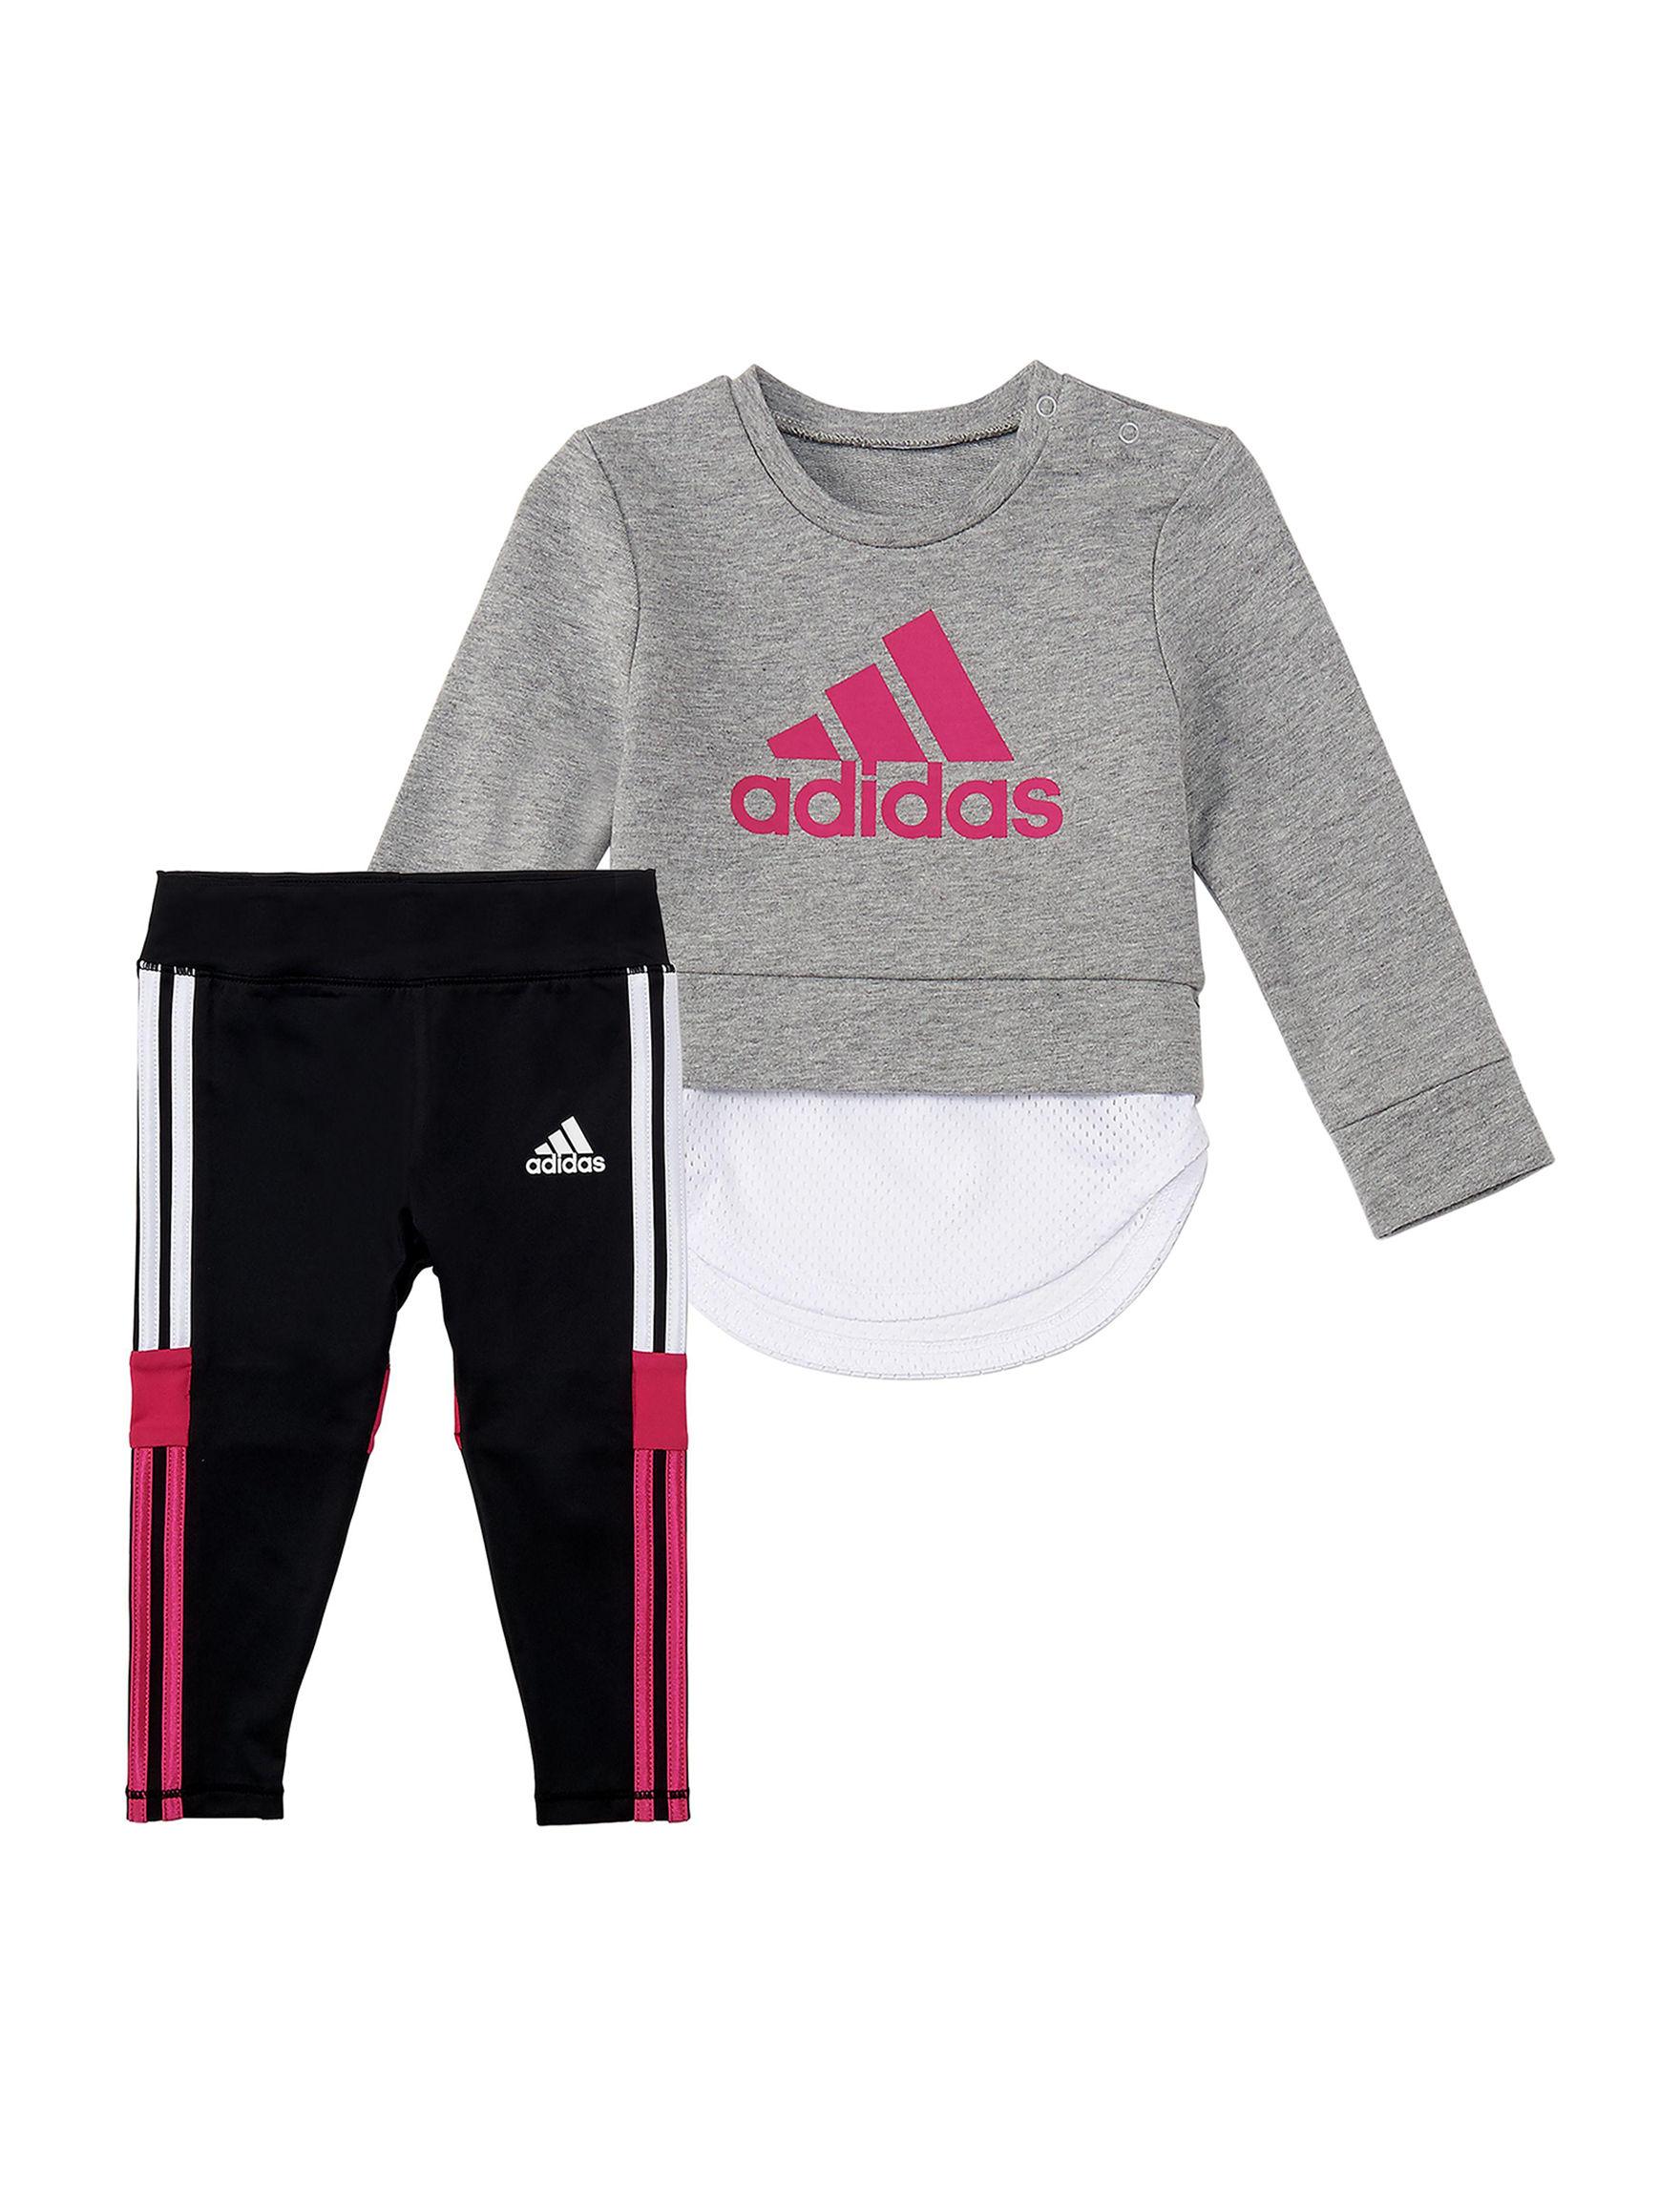 Adidas Grey / Multi